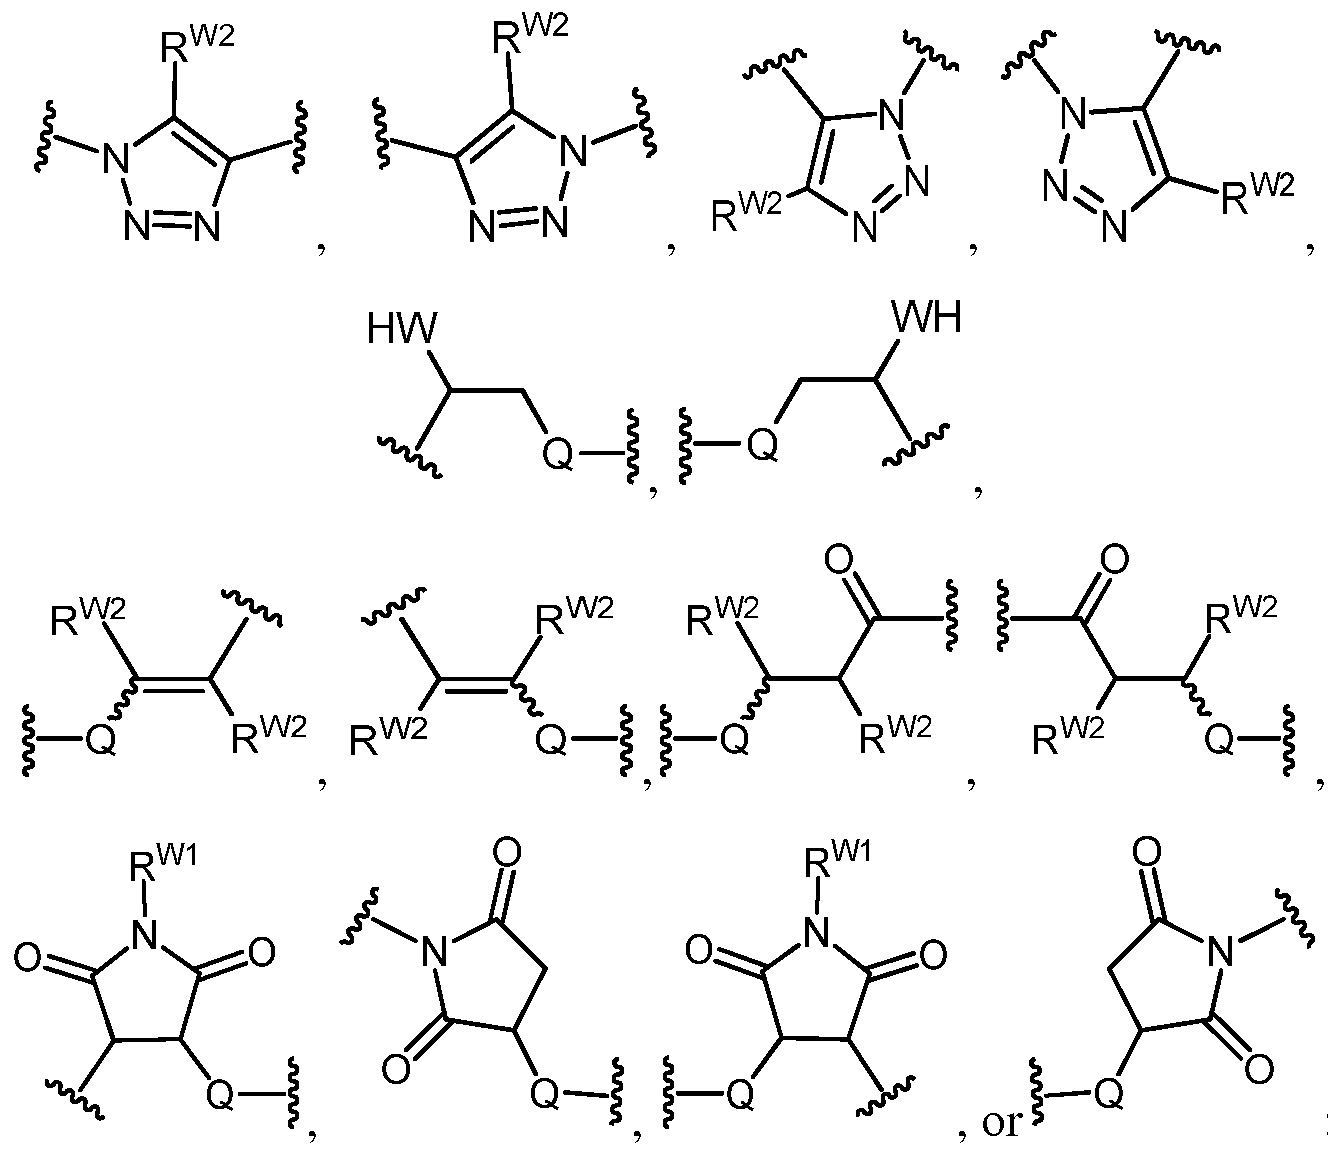 Figure imgf000171_0001